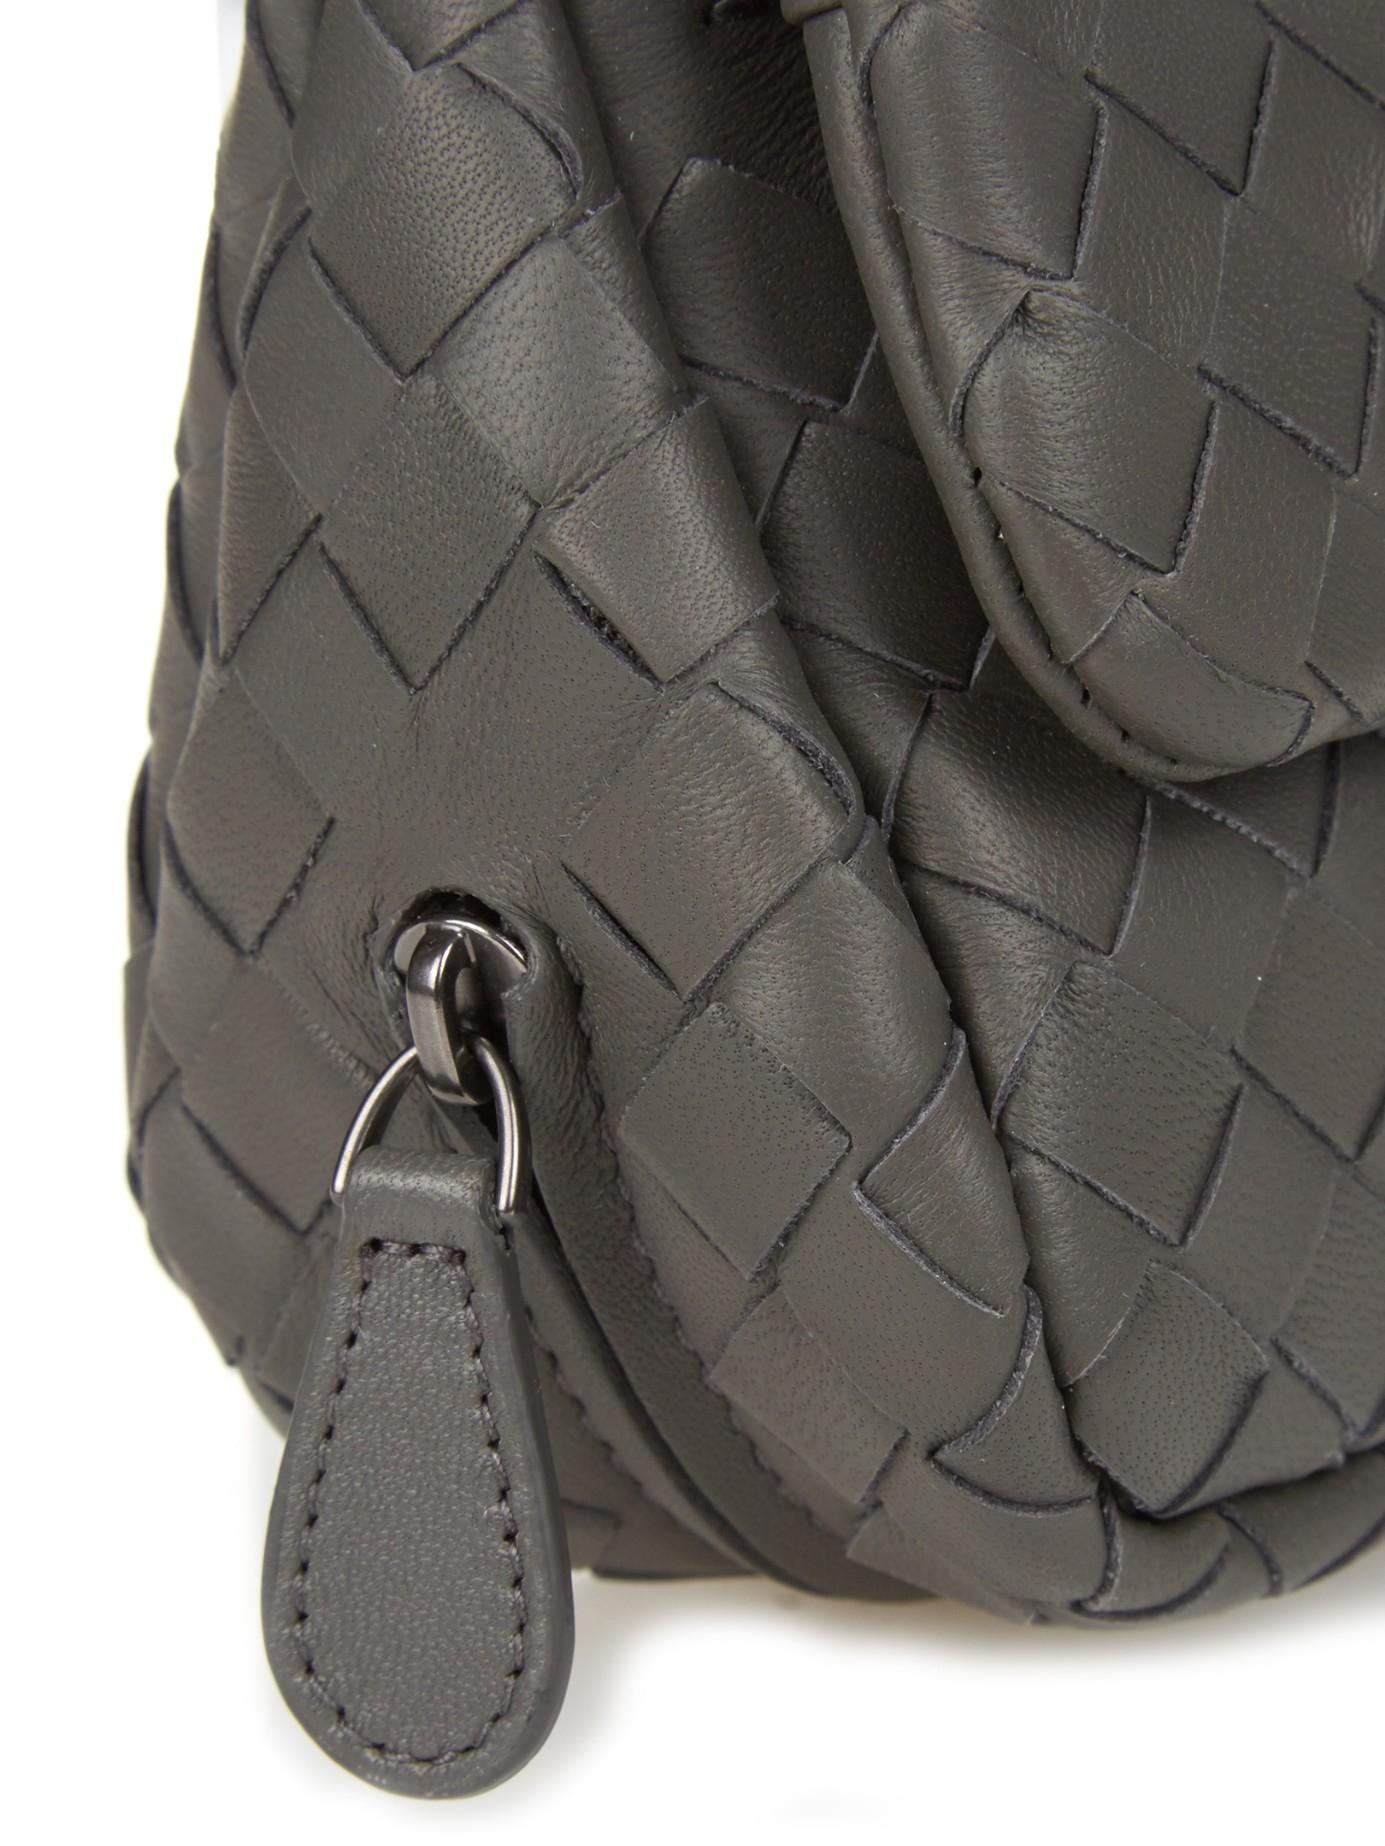 cf81ebadfa Bottega Veneta Intrecciato Leather Cross-Body Bag in Gray - Lyst